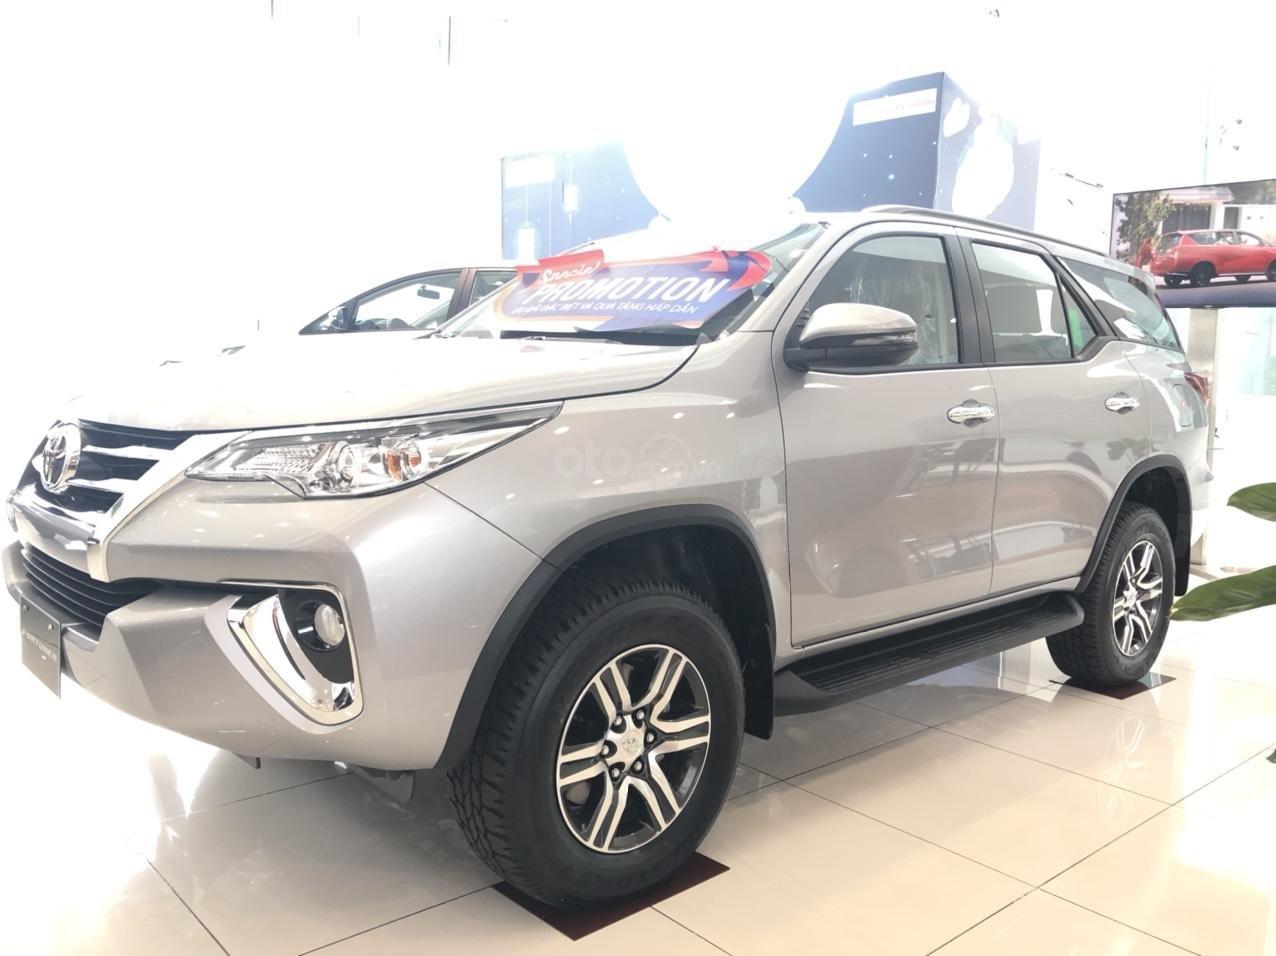 Toyota Fortuner 2019 số tự động máy dầu, hỗ trợ vay với lãi suất 0%, liên hệ 0903 070 070 (2)